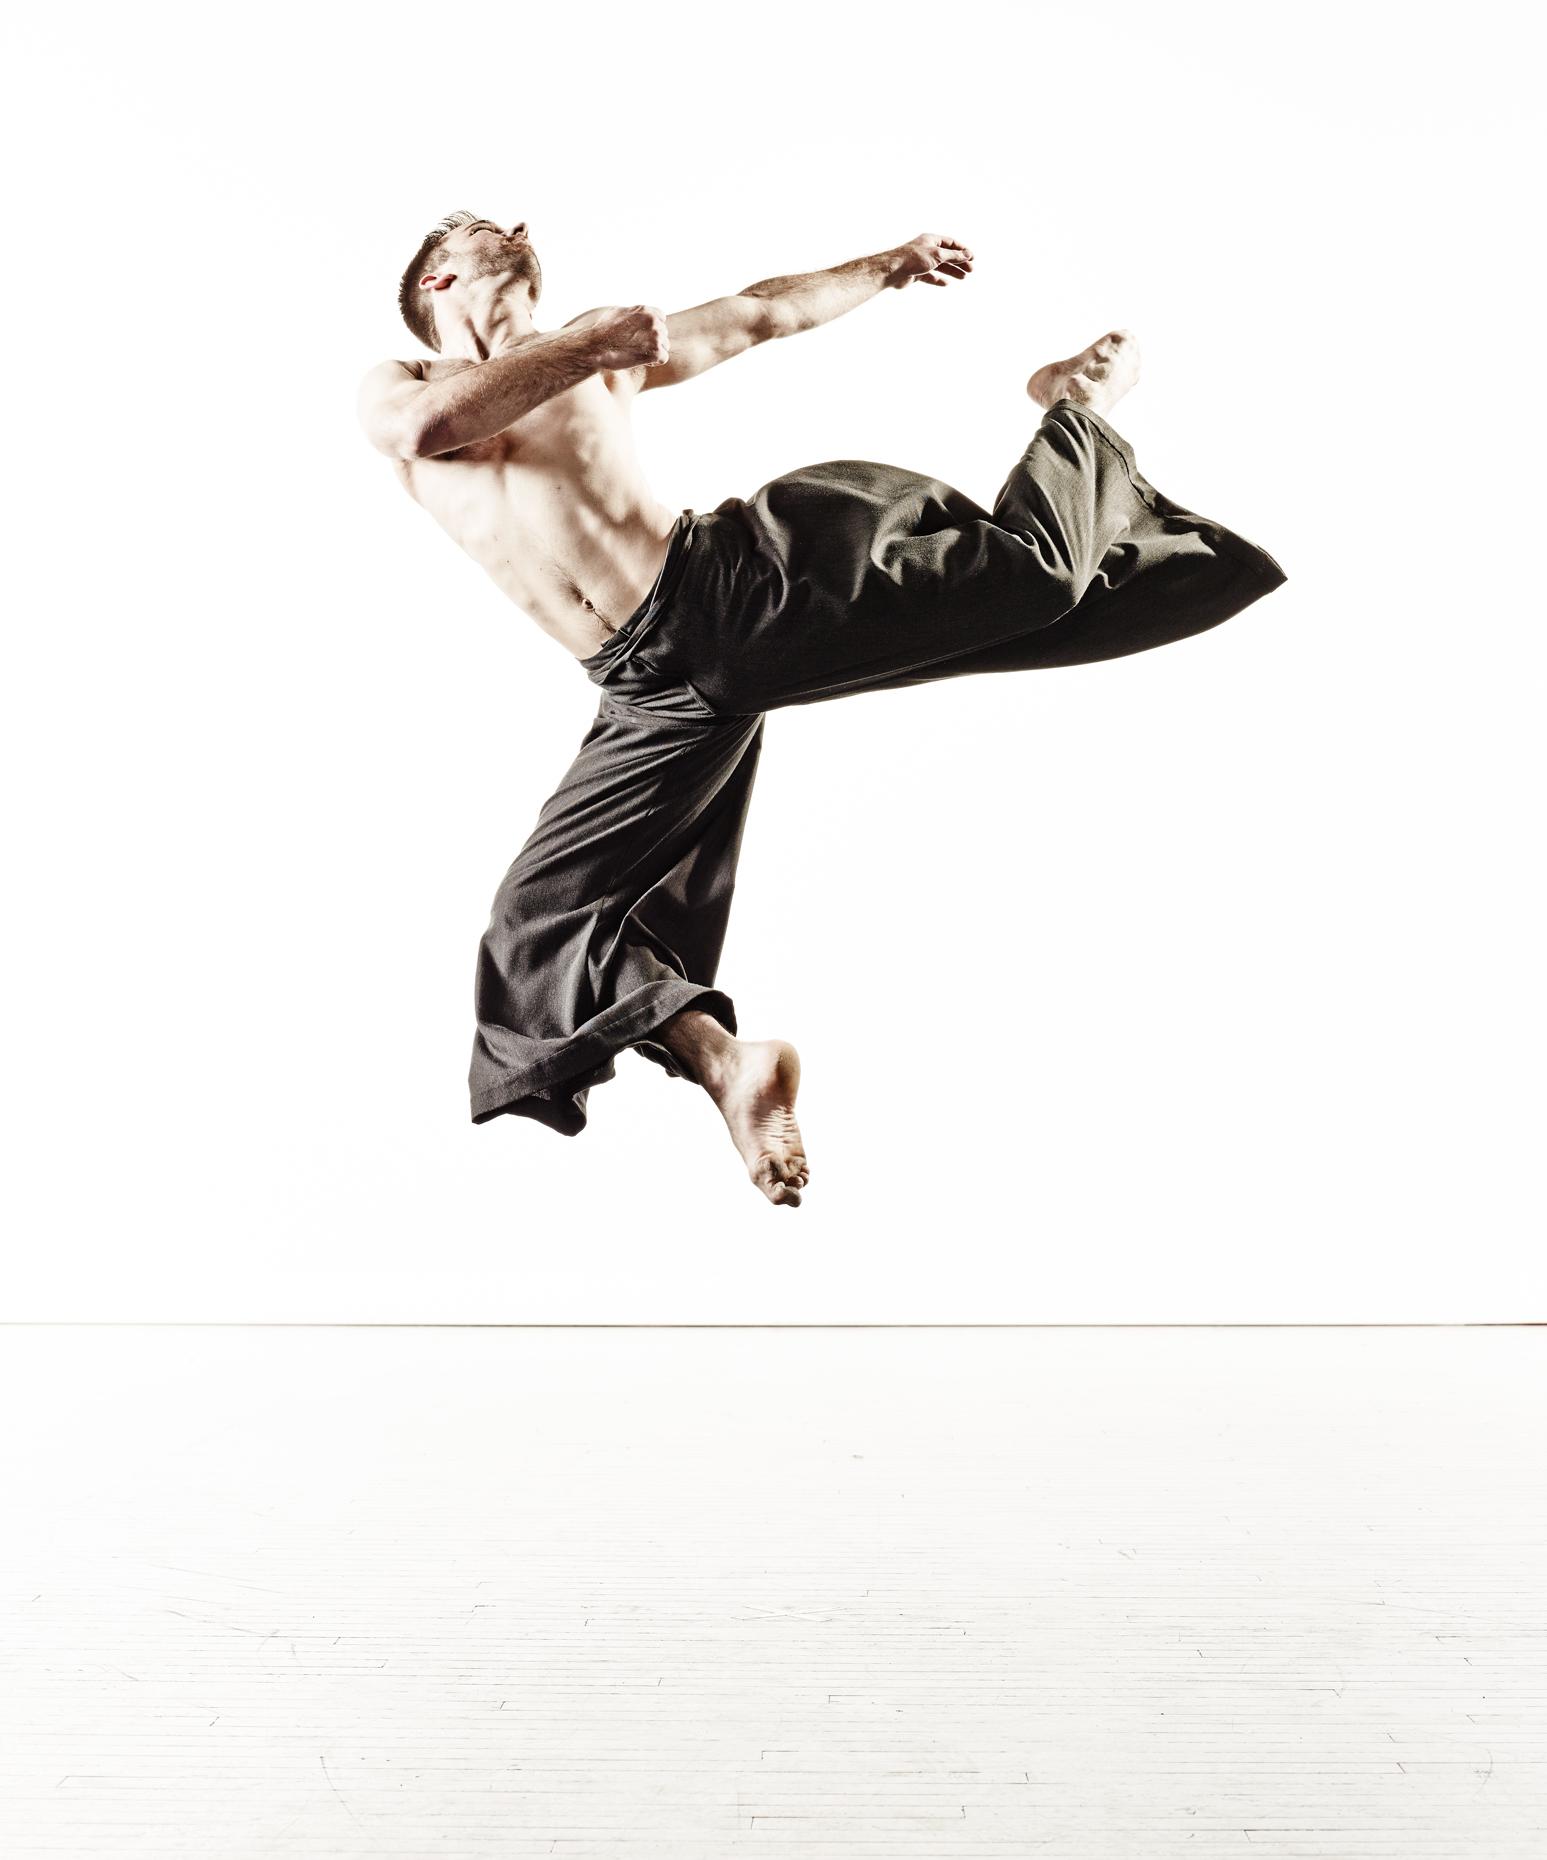 Ririe-Woodbury Derek Israelsen 015 Male Dancer Jump